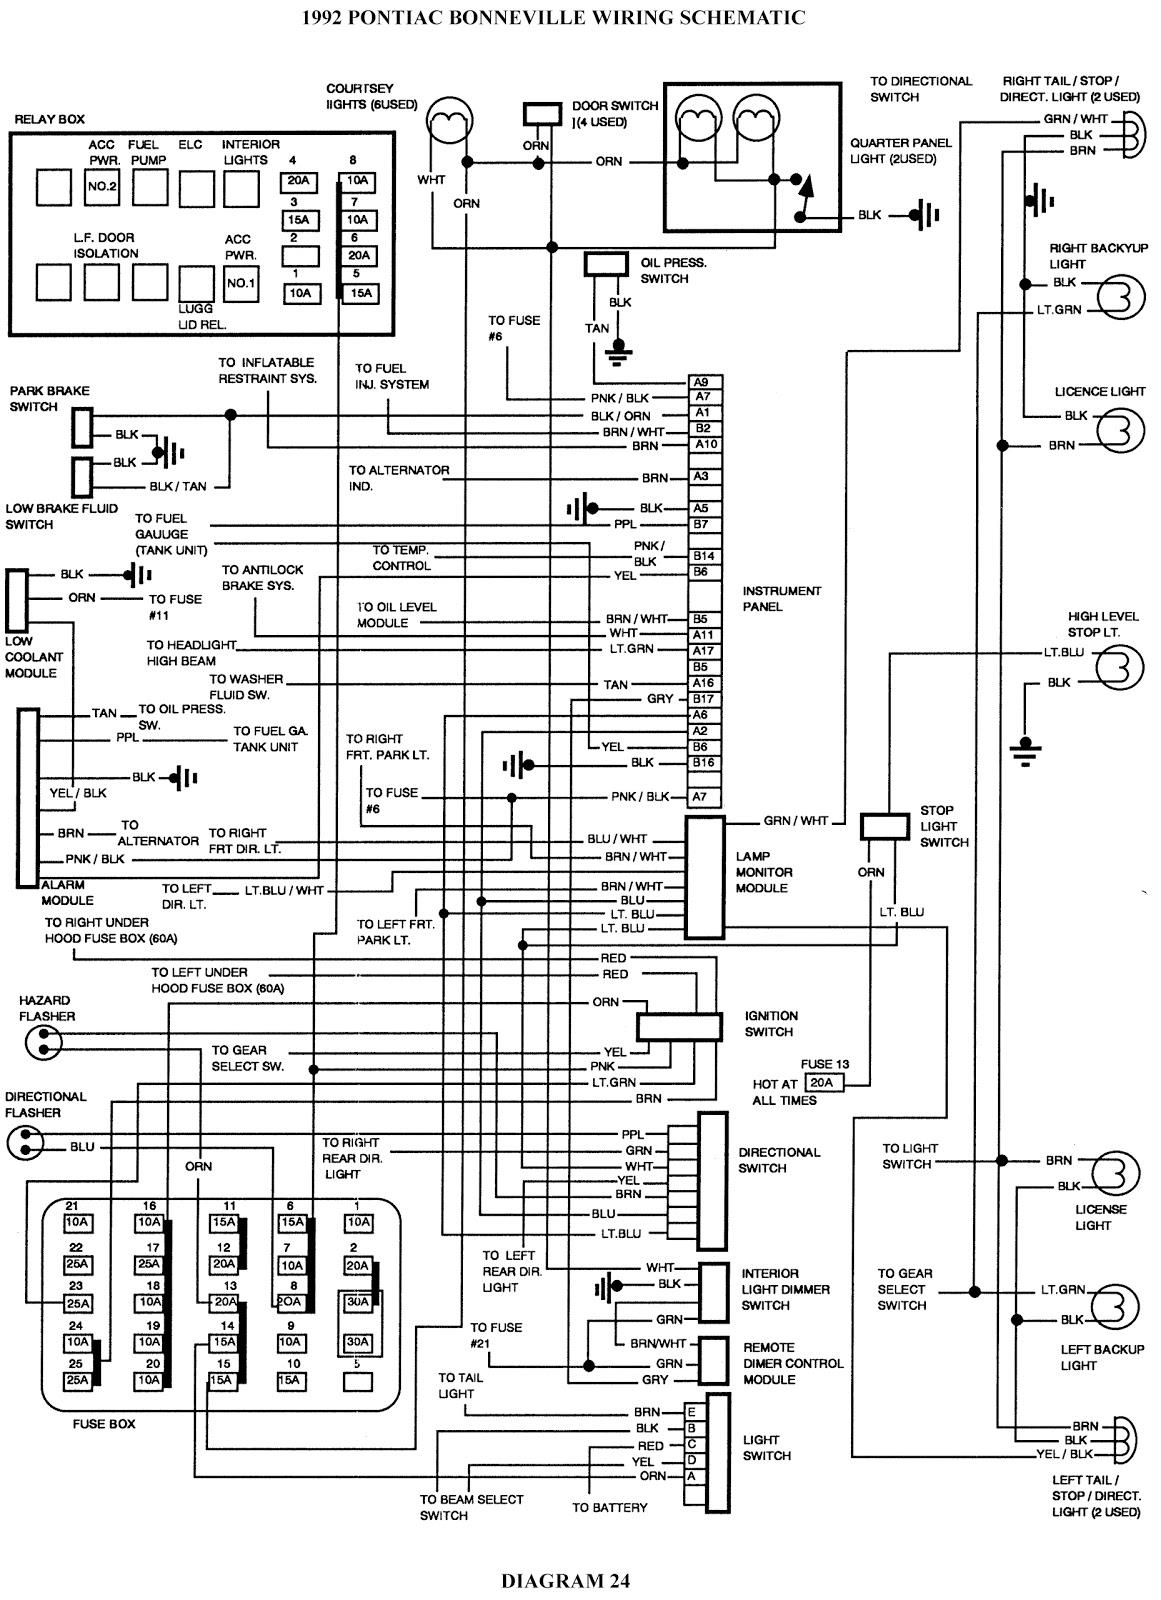 1992 Pontiac Bonneville Wiring Schematic | Schematic Wiring Diagrams Solutions